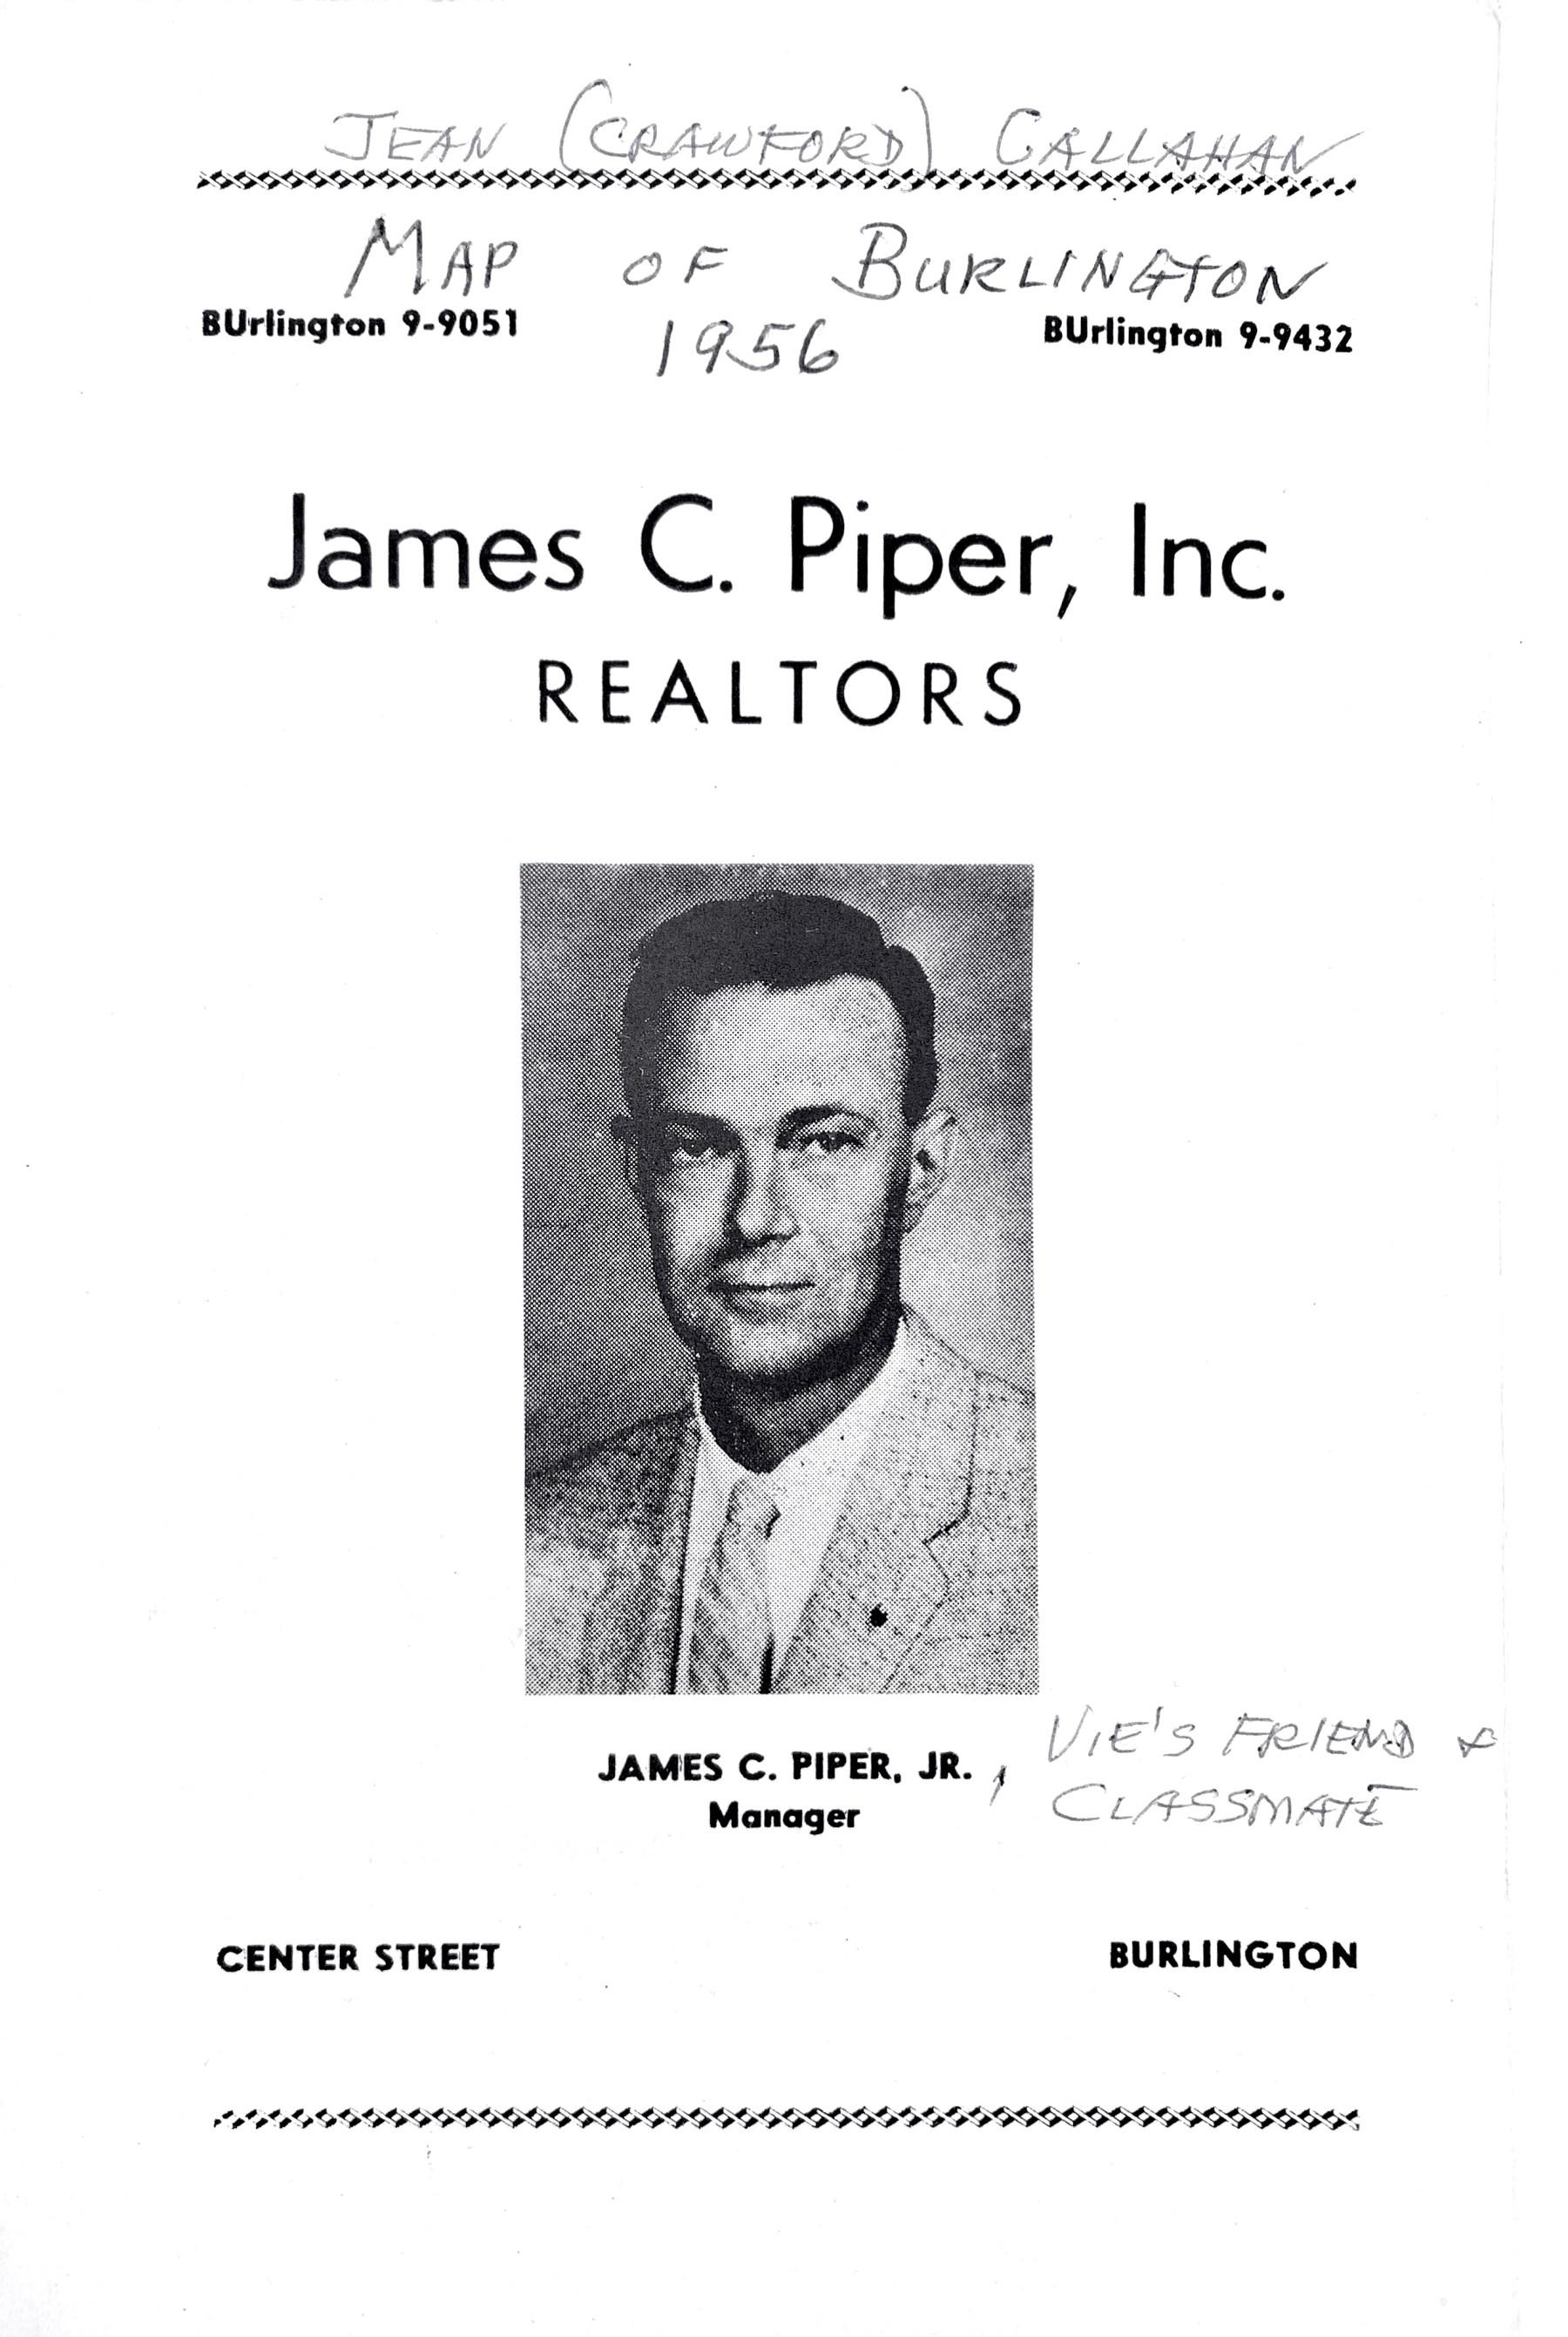 1956 Burlington map cover 1956, James C. Piper Inc. ad